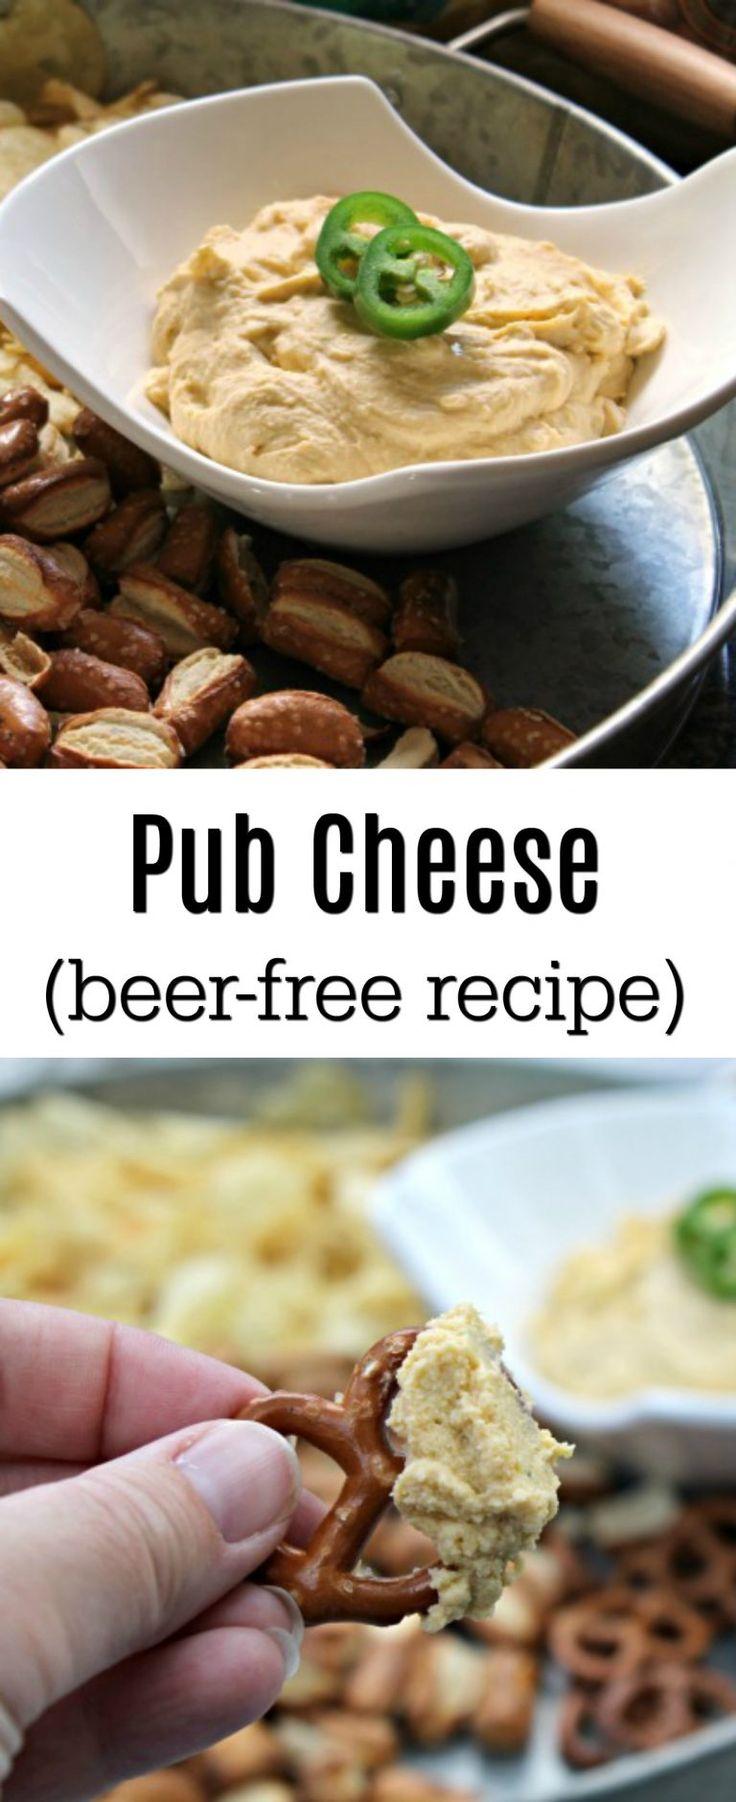 pub cheese recipe